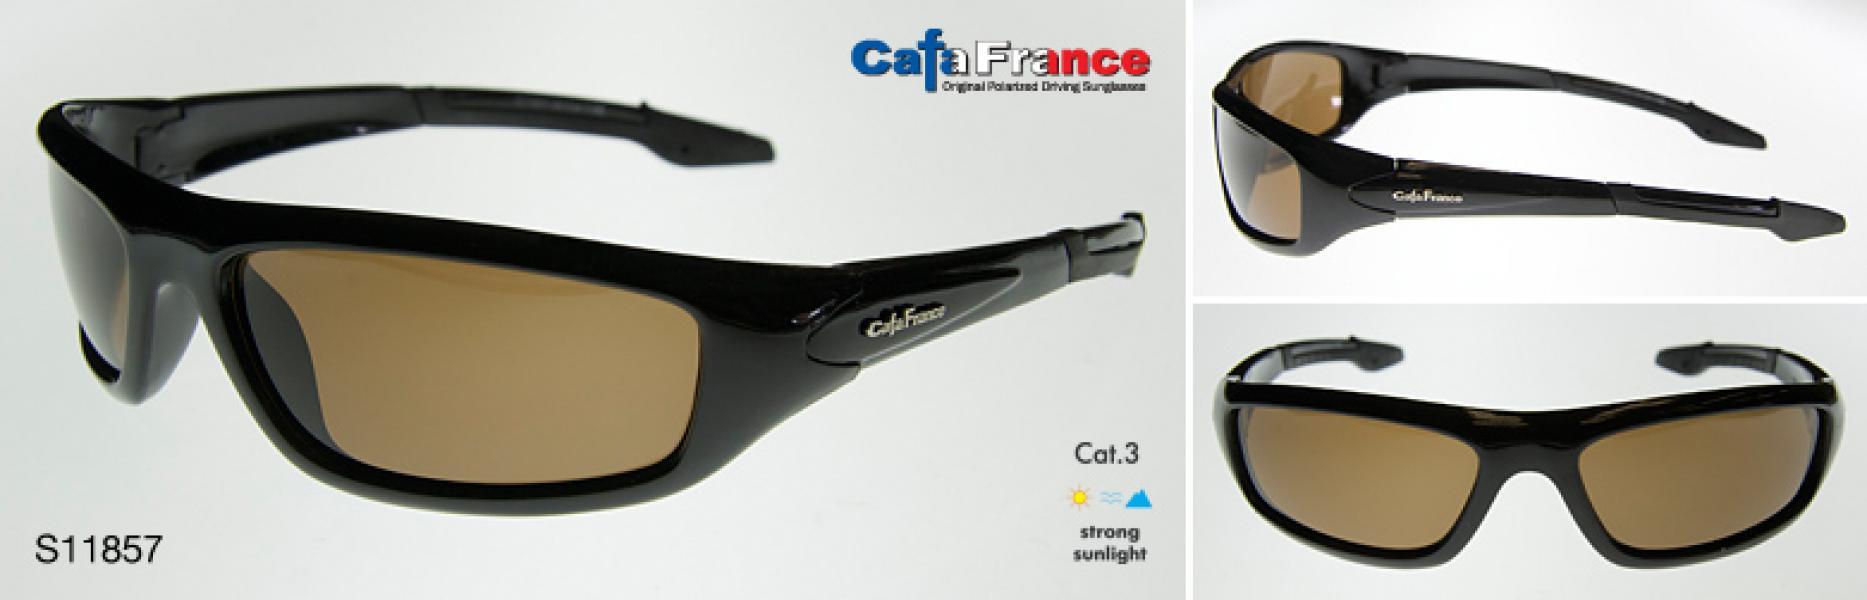 Очки поляризационные мужские Cafa France c11857